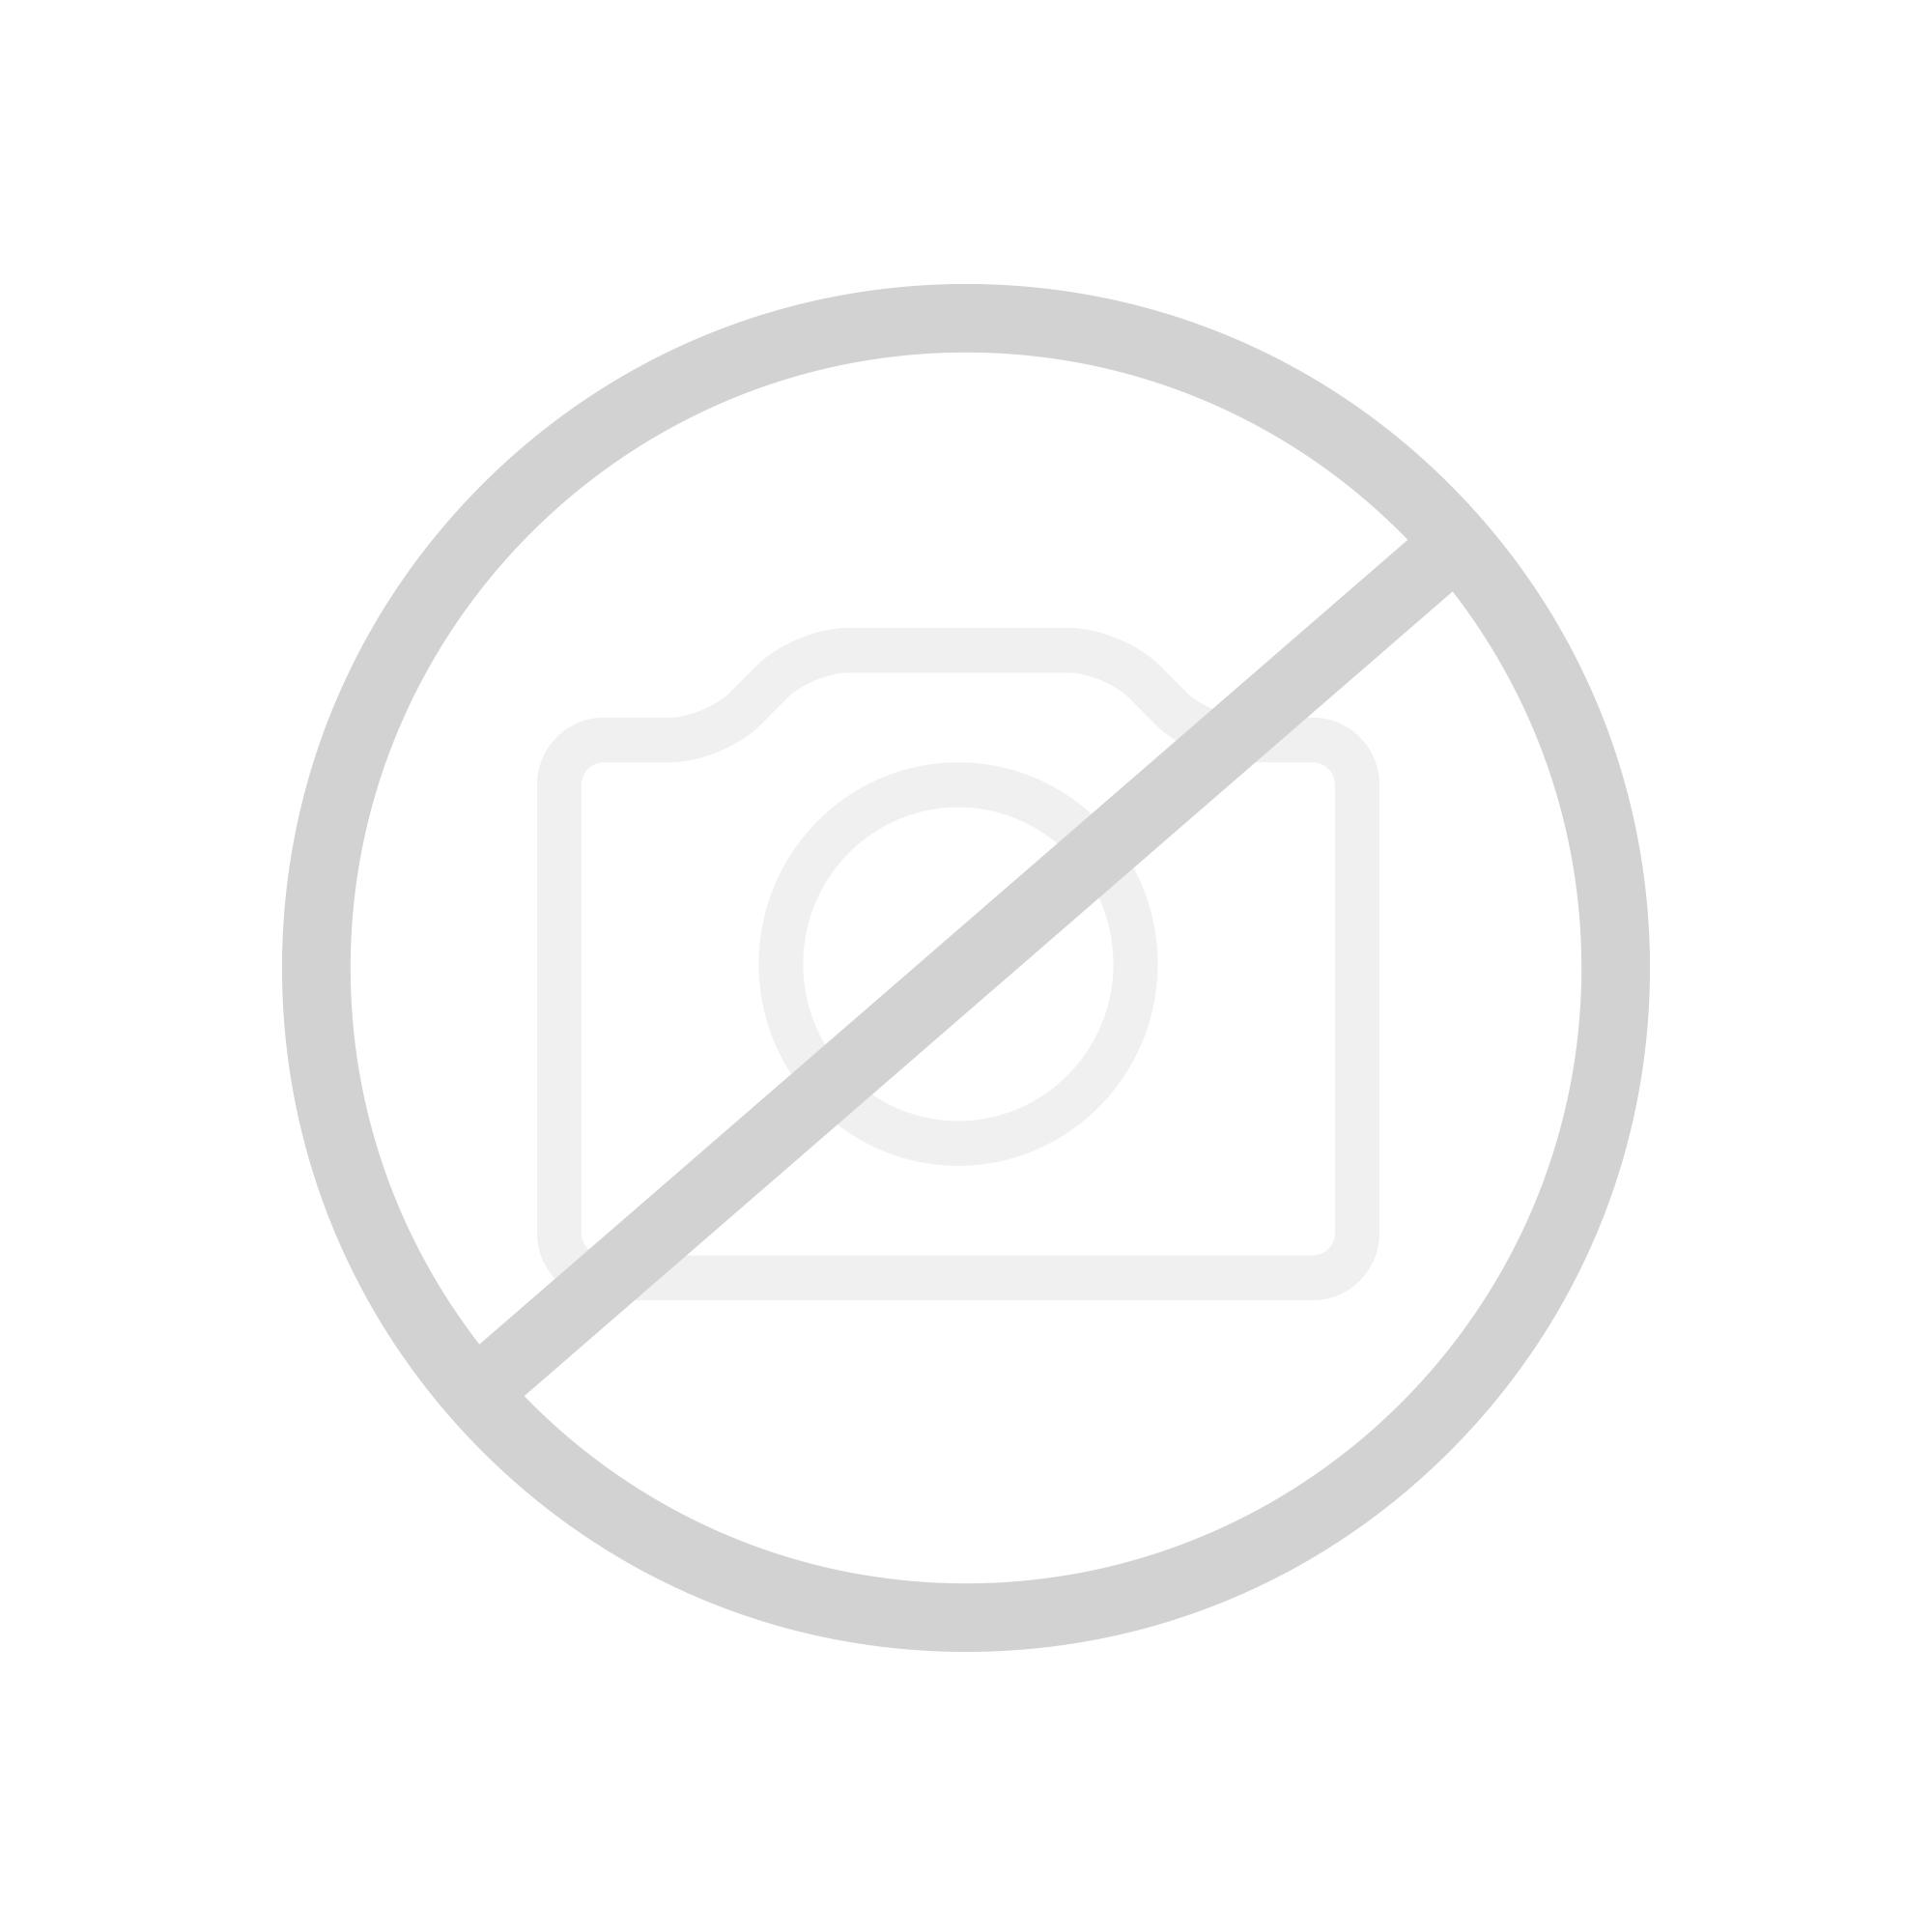 antoniolupi TAPE5 Halter für Becher oder Seifenspender